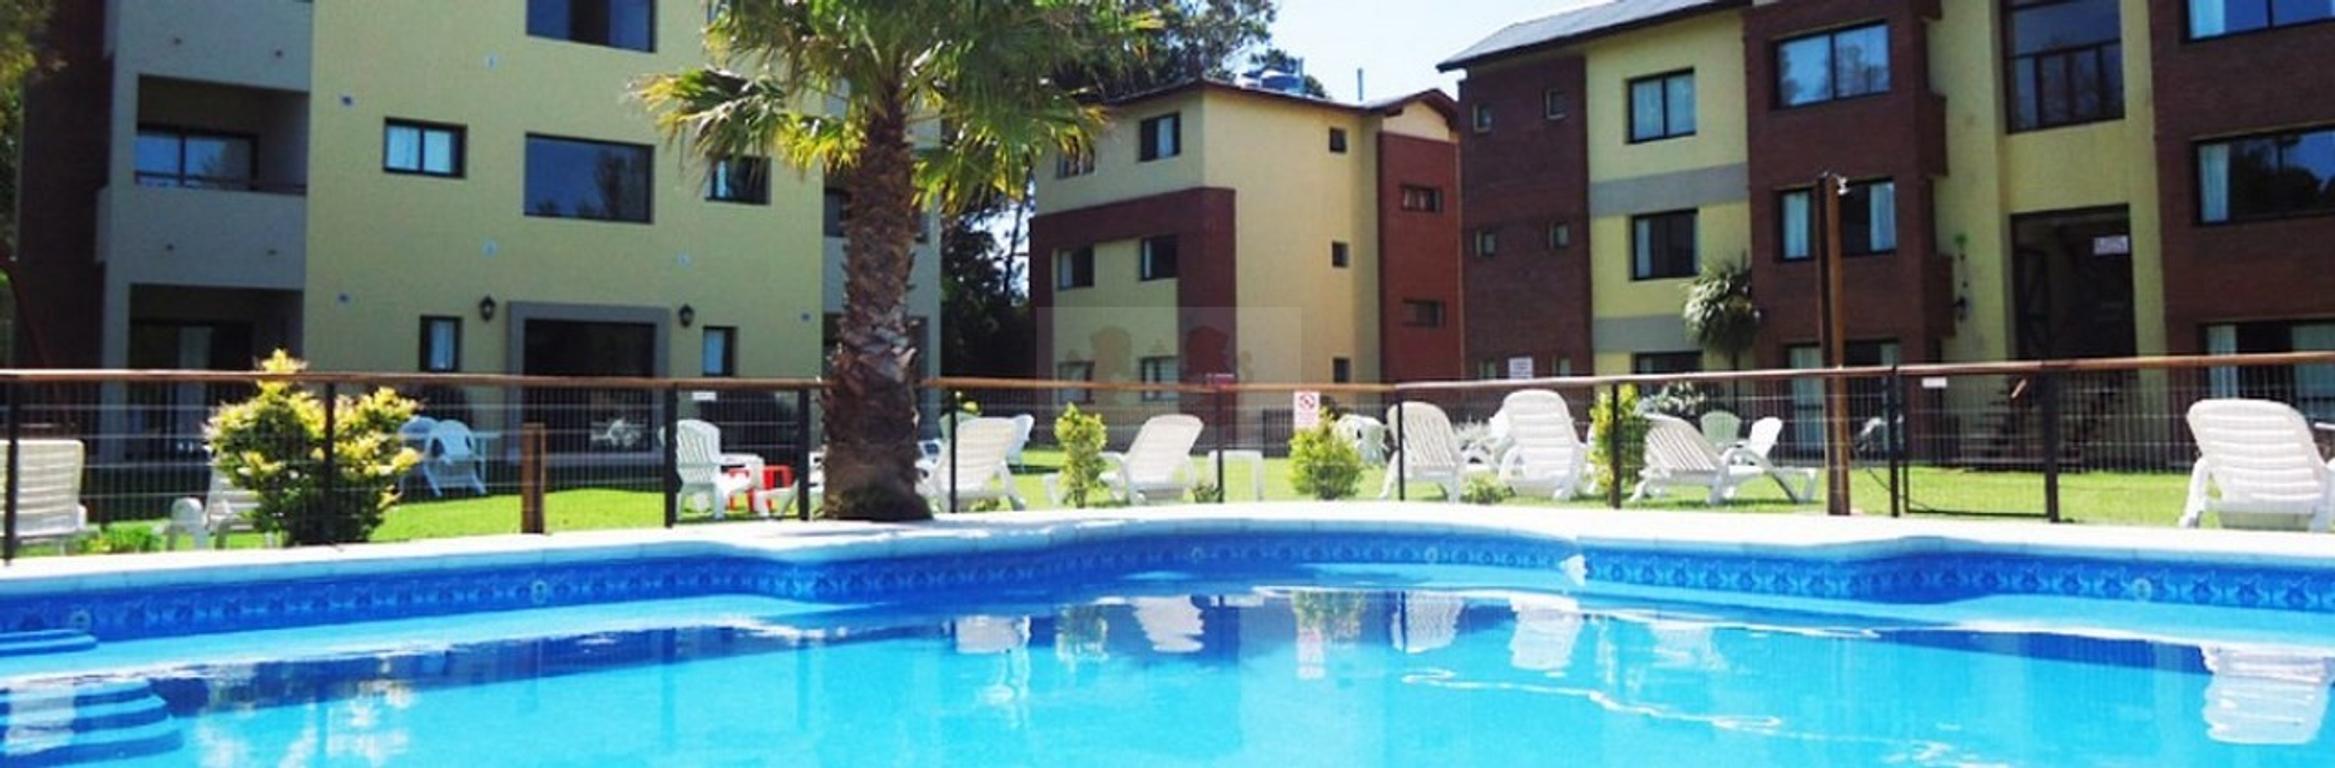 Venta Valeria Del Mar Departamento Piscina 2 Dormitorios